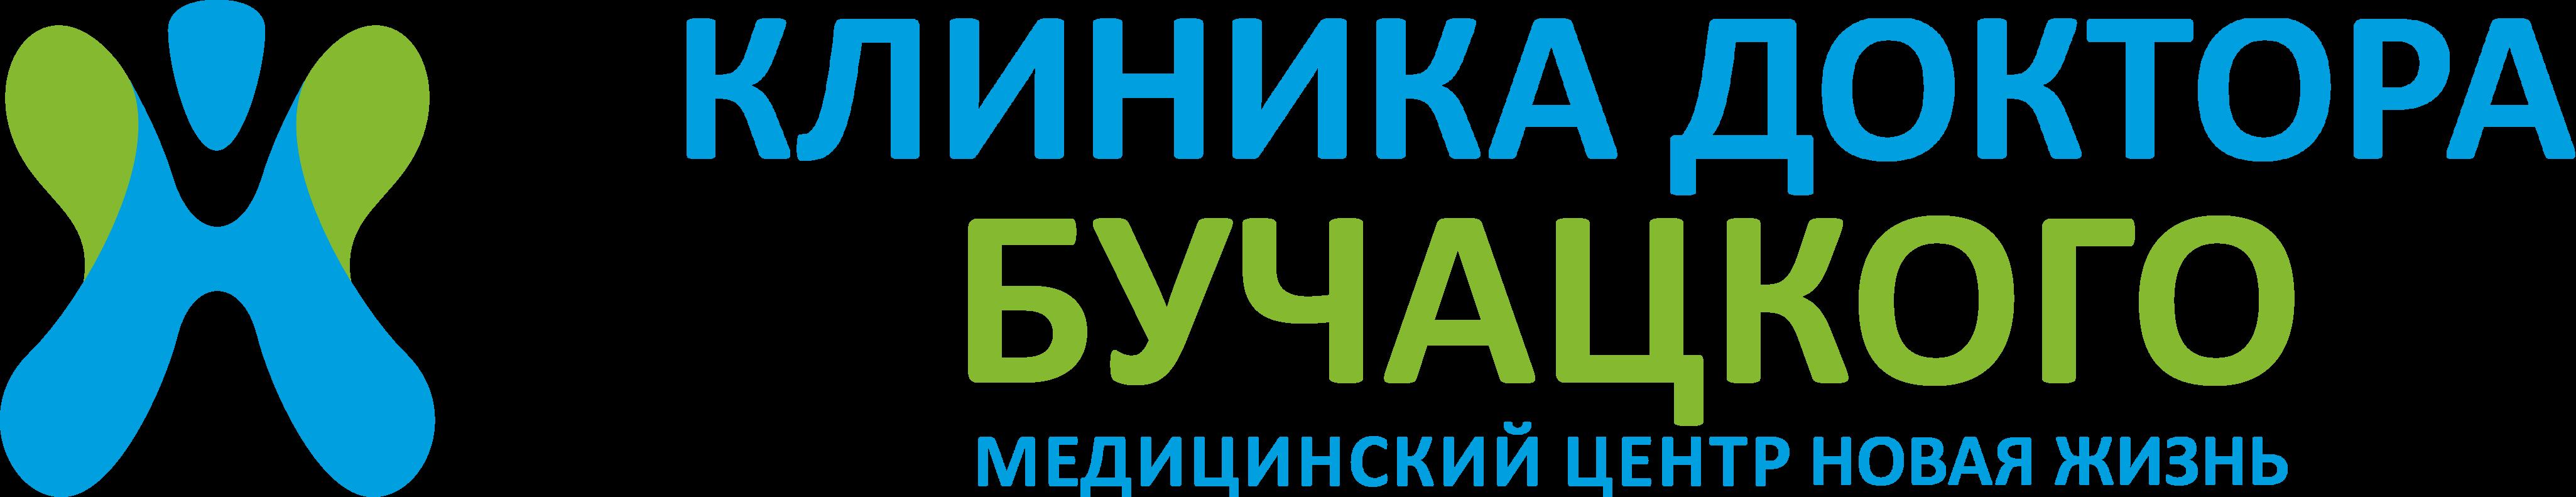 Клиника БУЧАЦКОГО